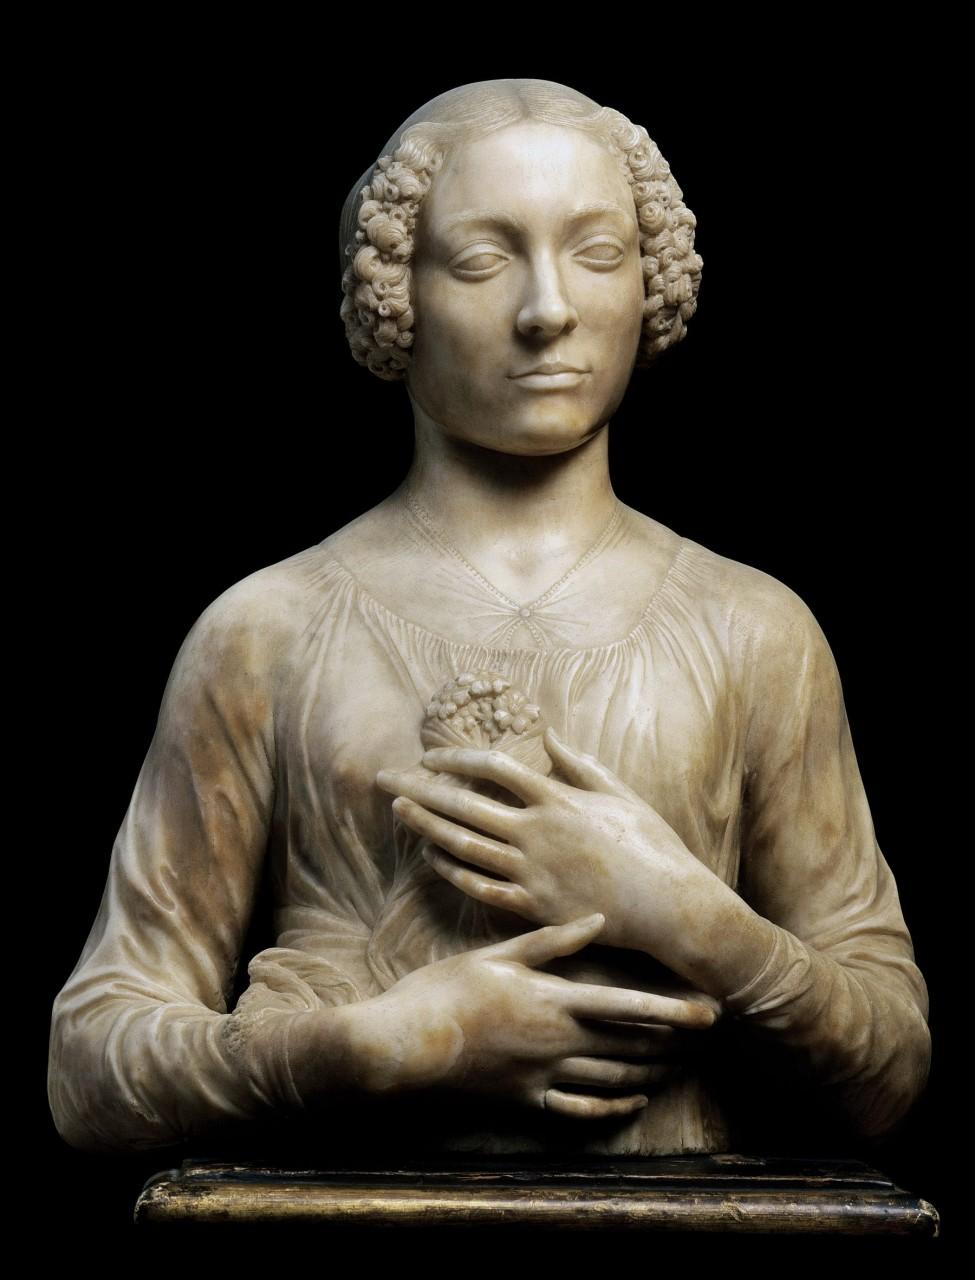 Флорентийская скульптура раннего Возрождения